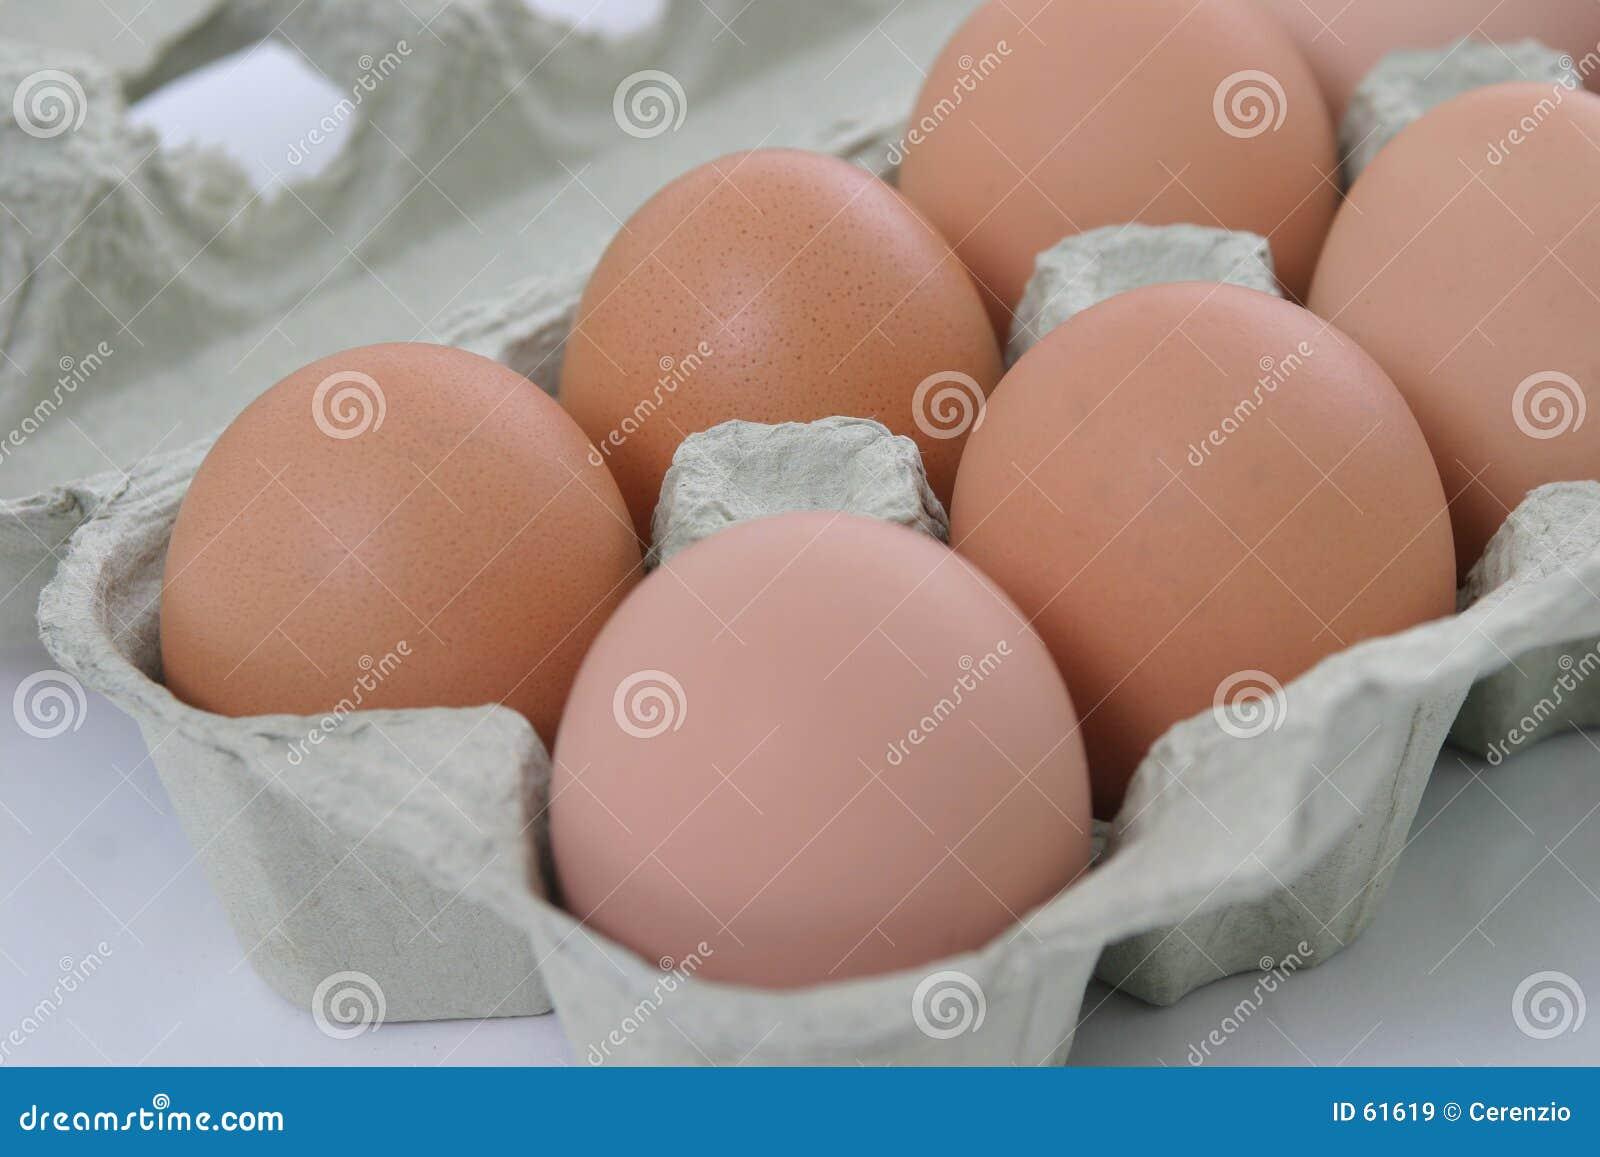 δωδεκάα αυγά μισά